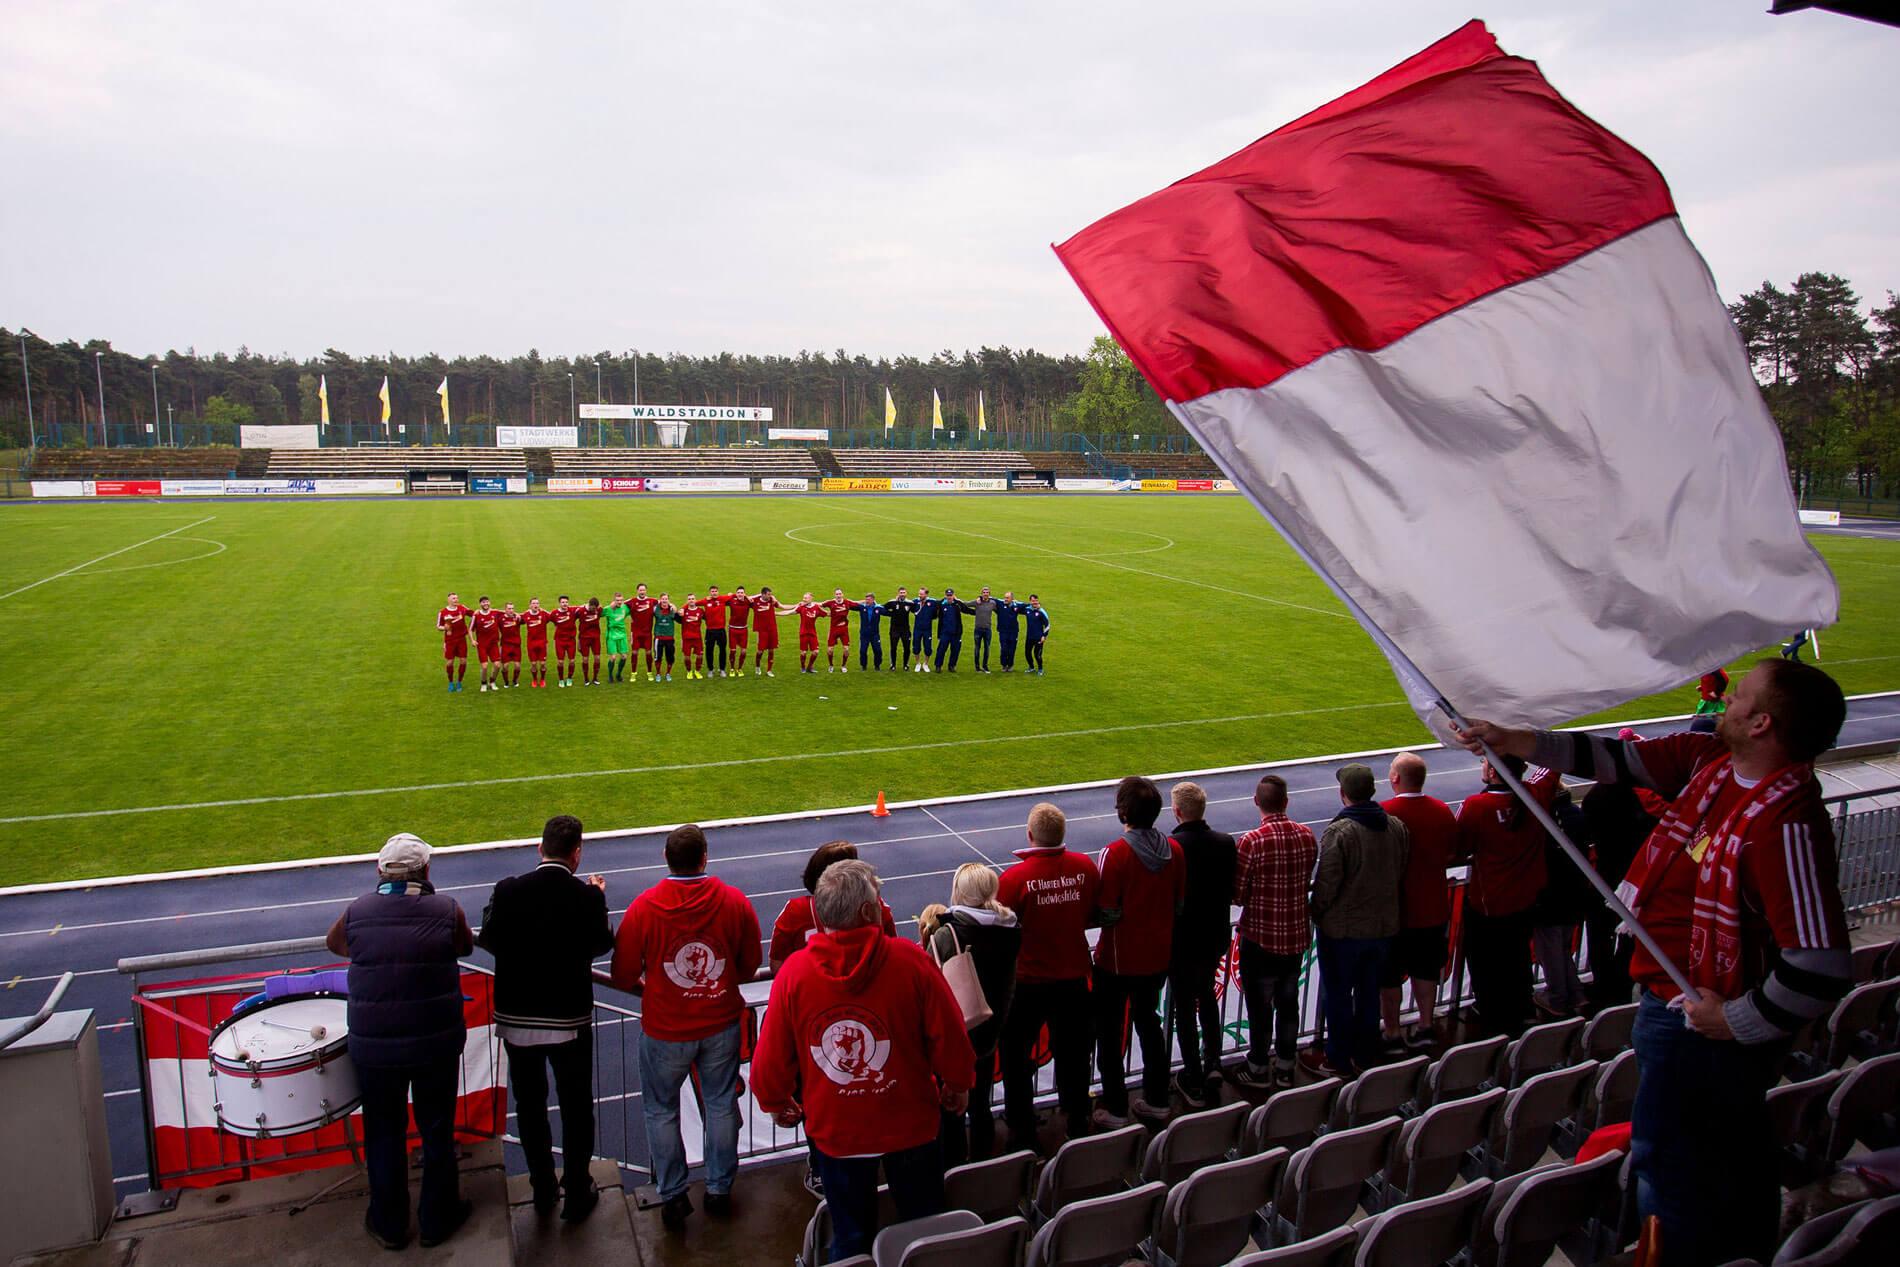 Waldstadion1-ludwigsfelde